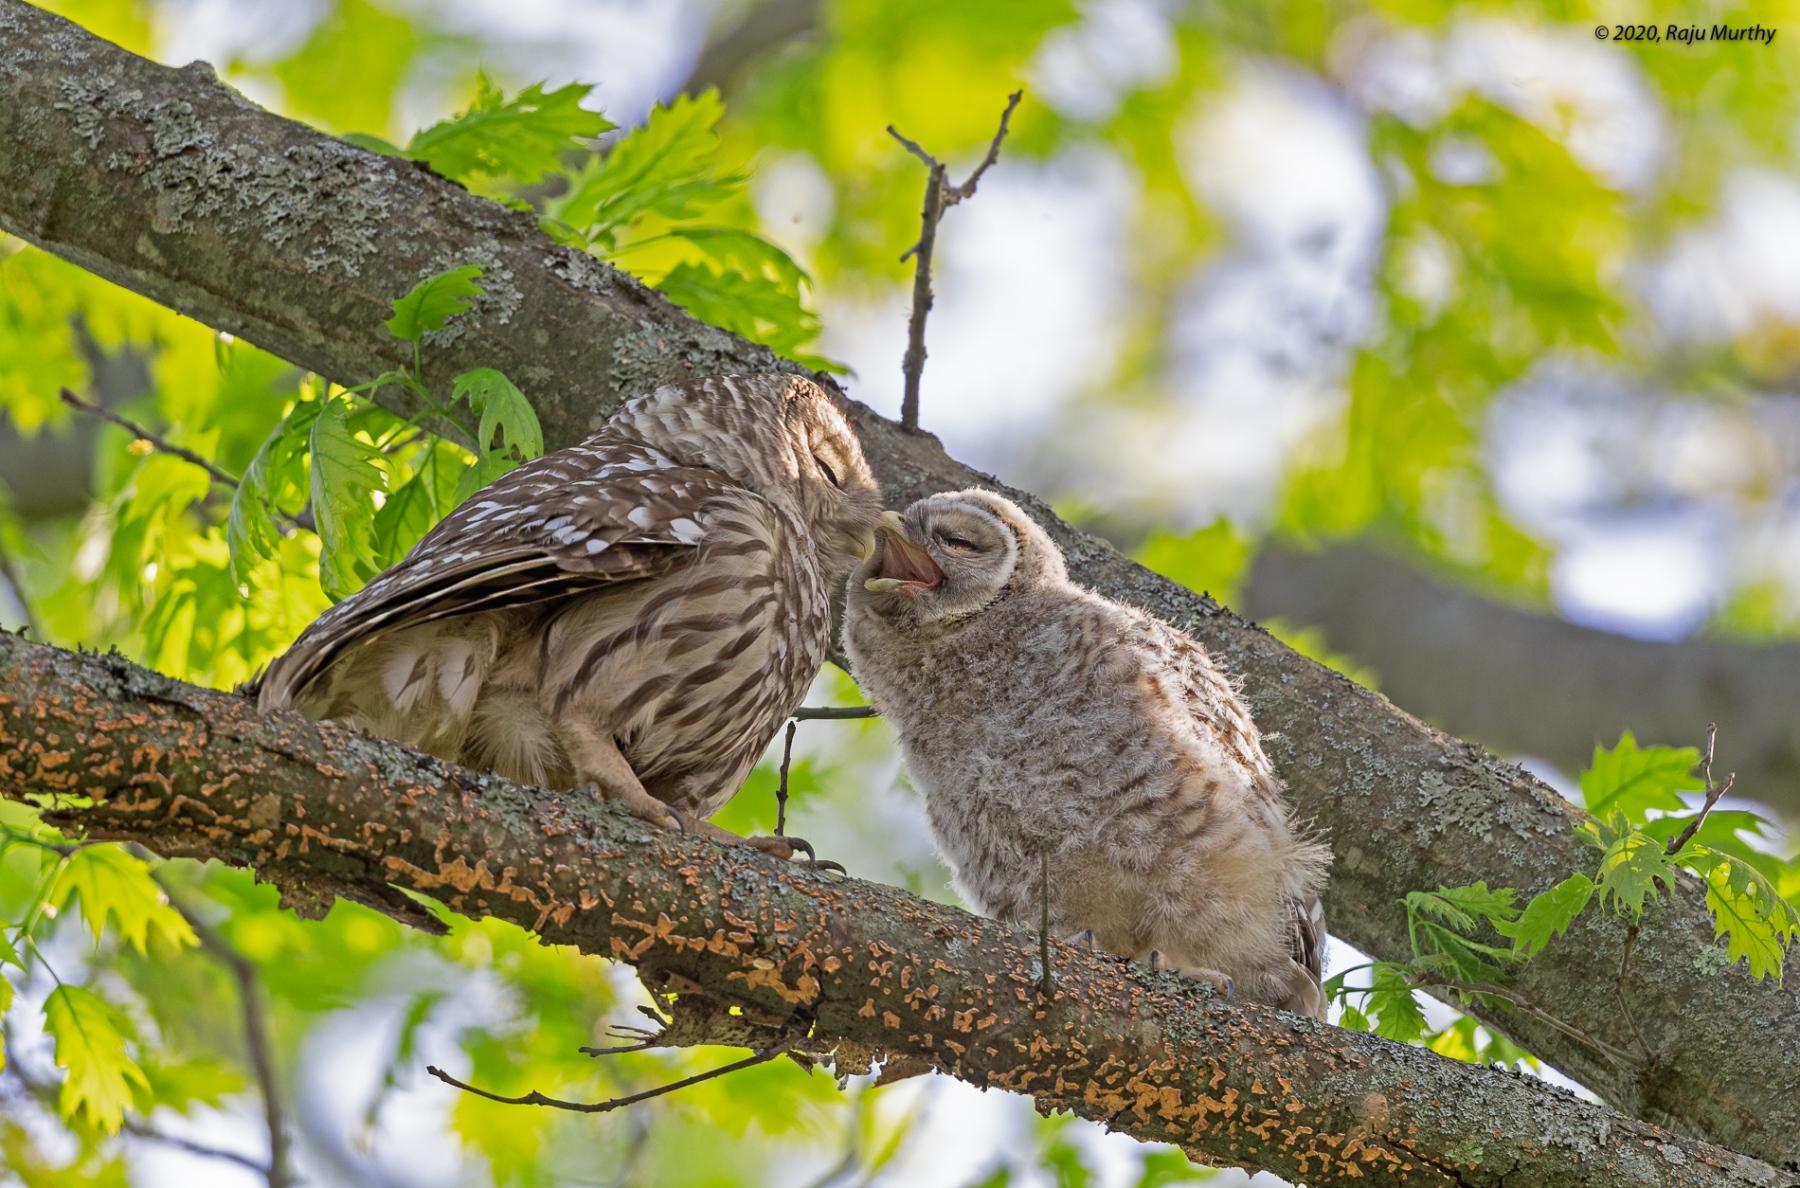 Barred-Owls_H7I2672-Edit